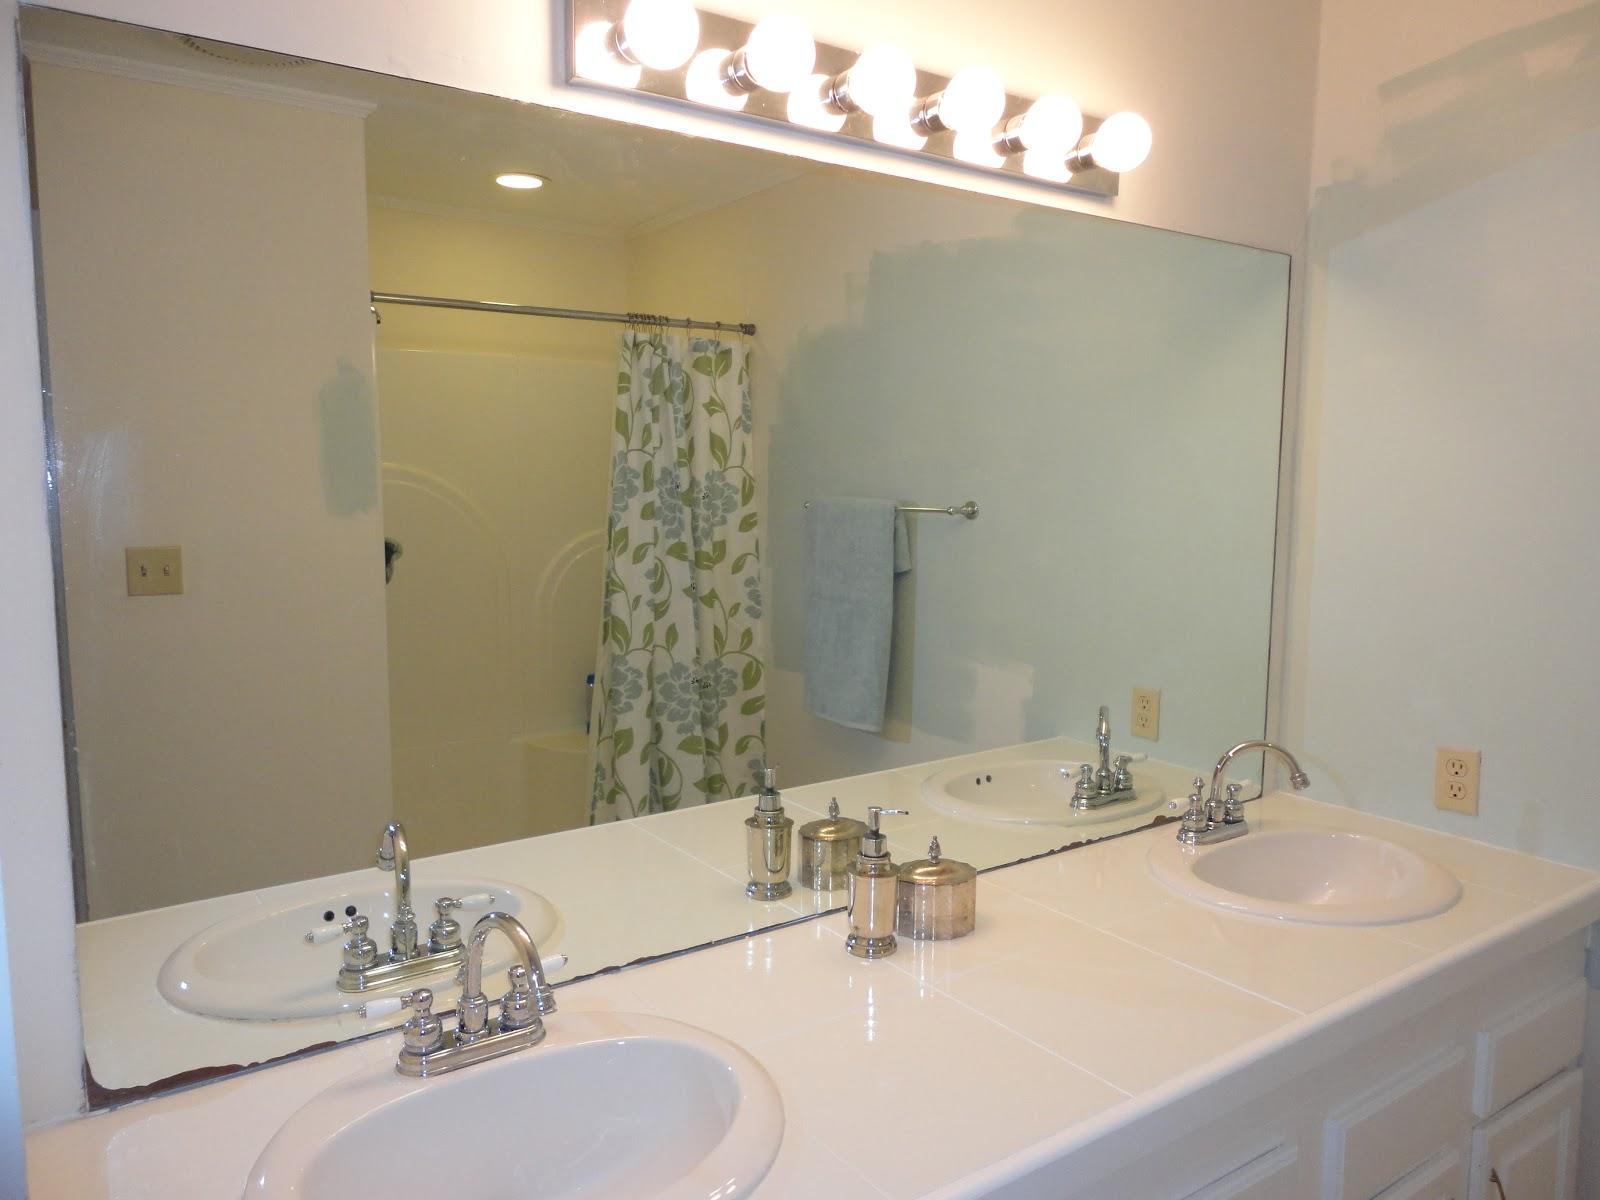 16 wonderful updating bathroom ideas lentine marine 31400 - How do you frame a bathroom mirror ...